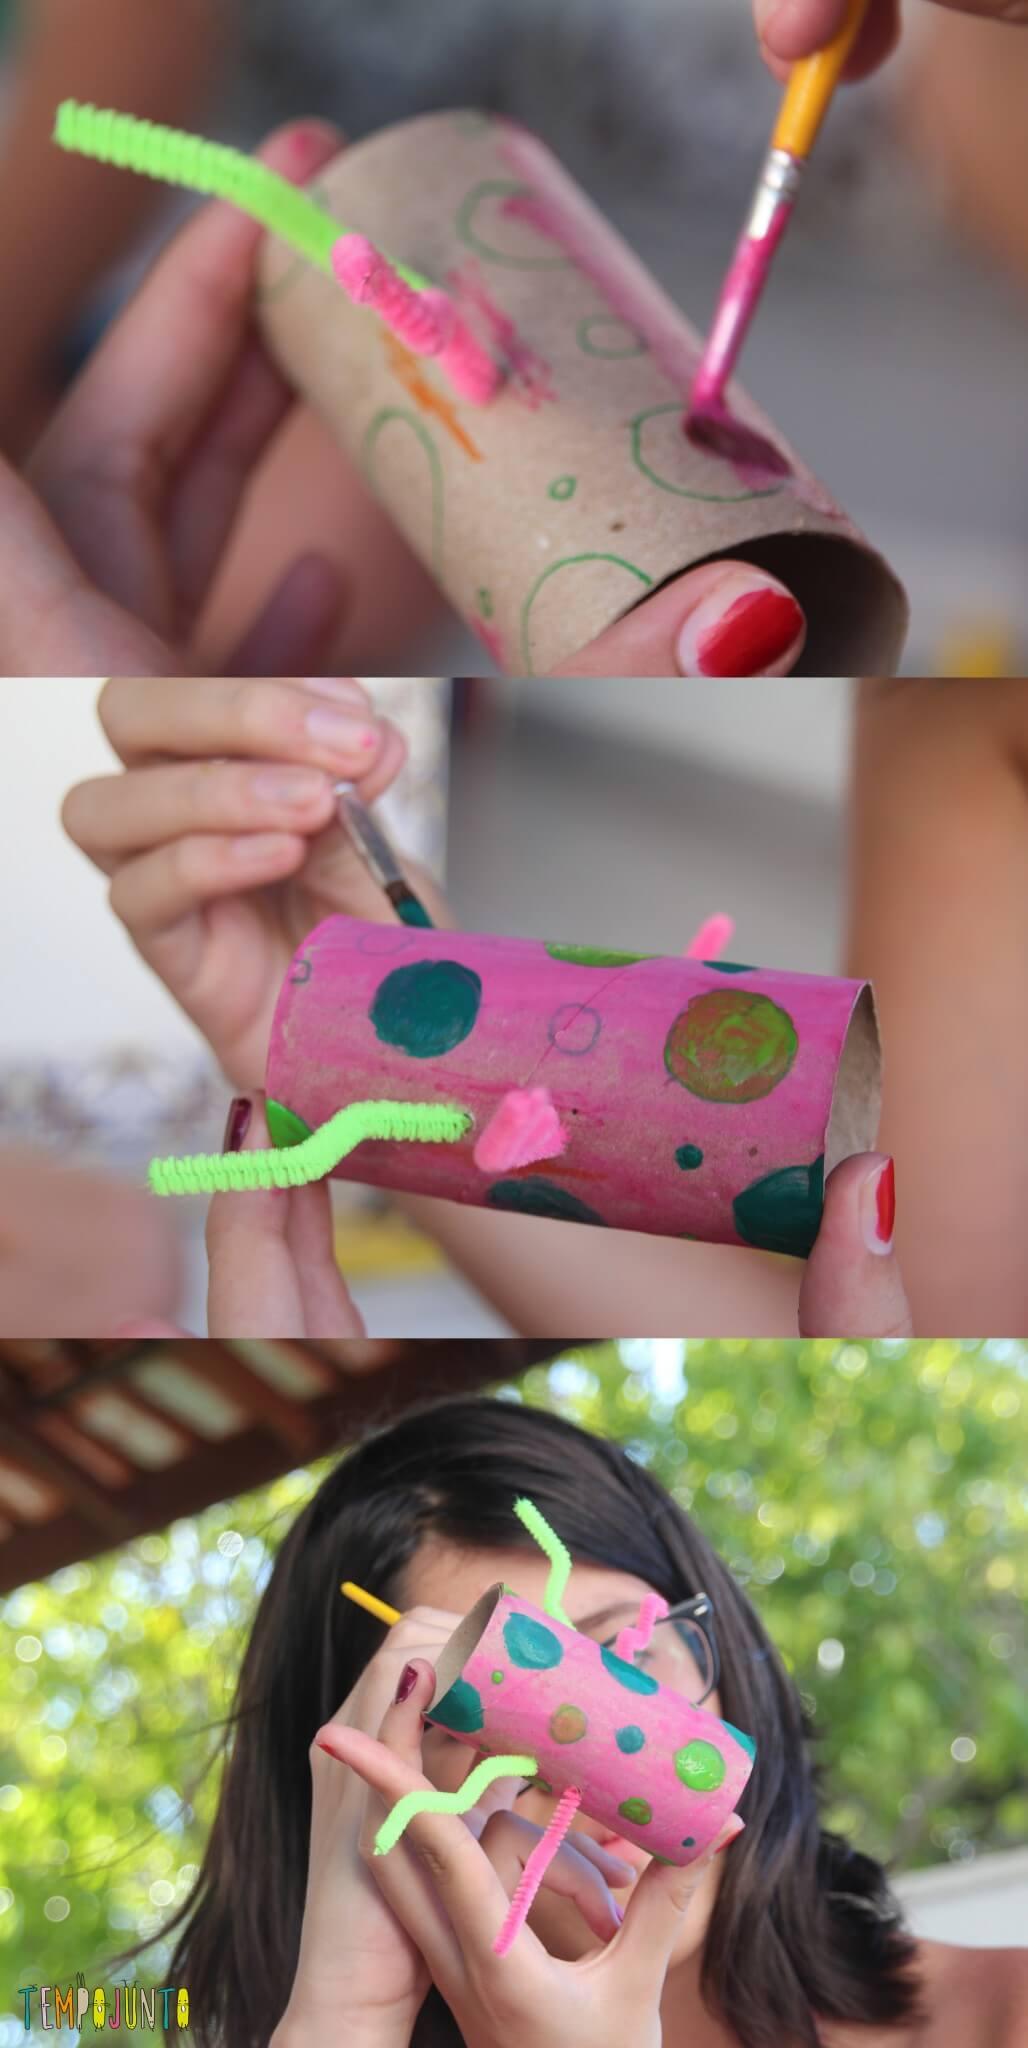 ideias criativas com rolo de papel higiênico - Vicky fazendo o monstro